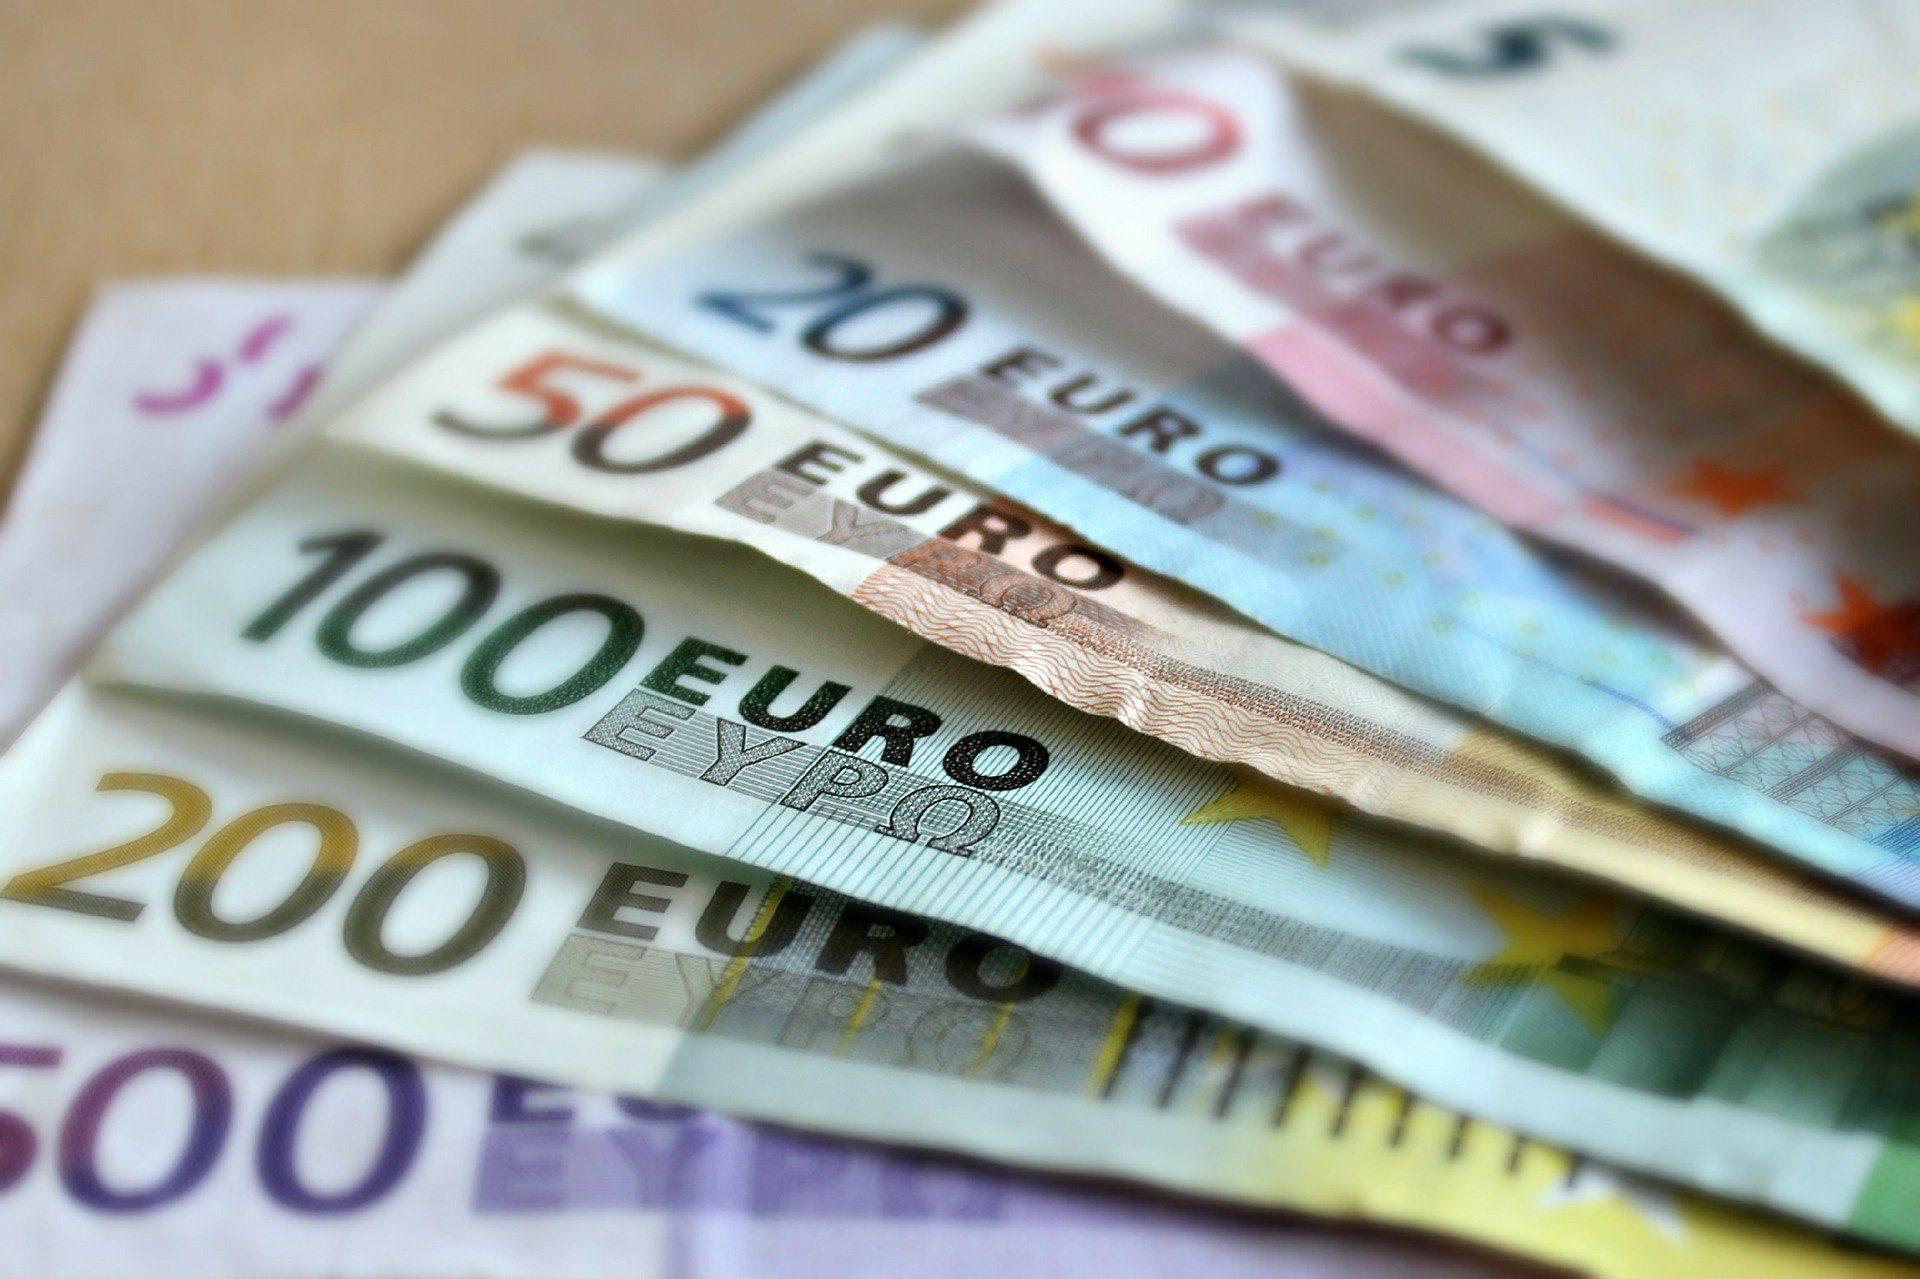 Coronavirus, pubblicato il bando per il bonus regionale da 800 euro